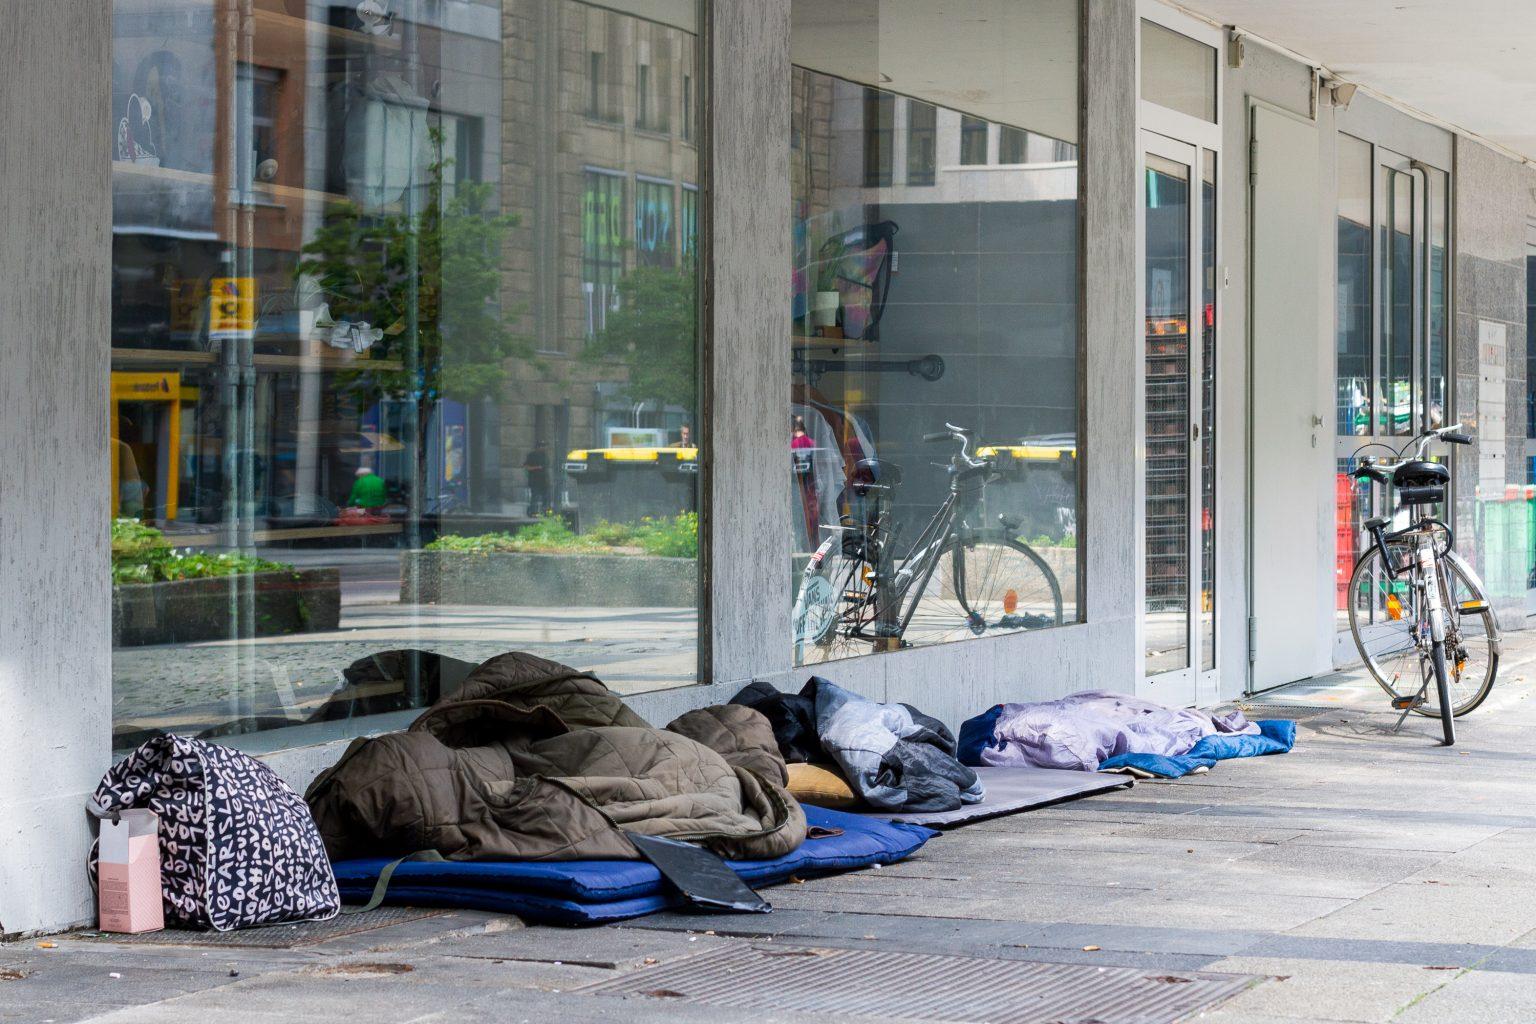 Ein Schlafplatz in der Dortmunder Innenstadt.